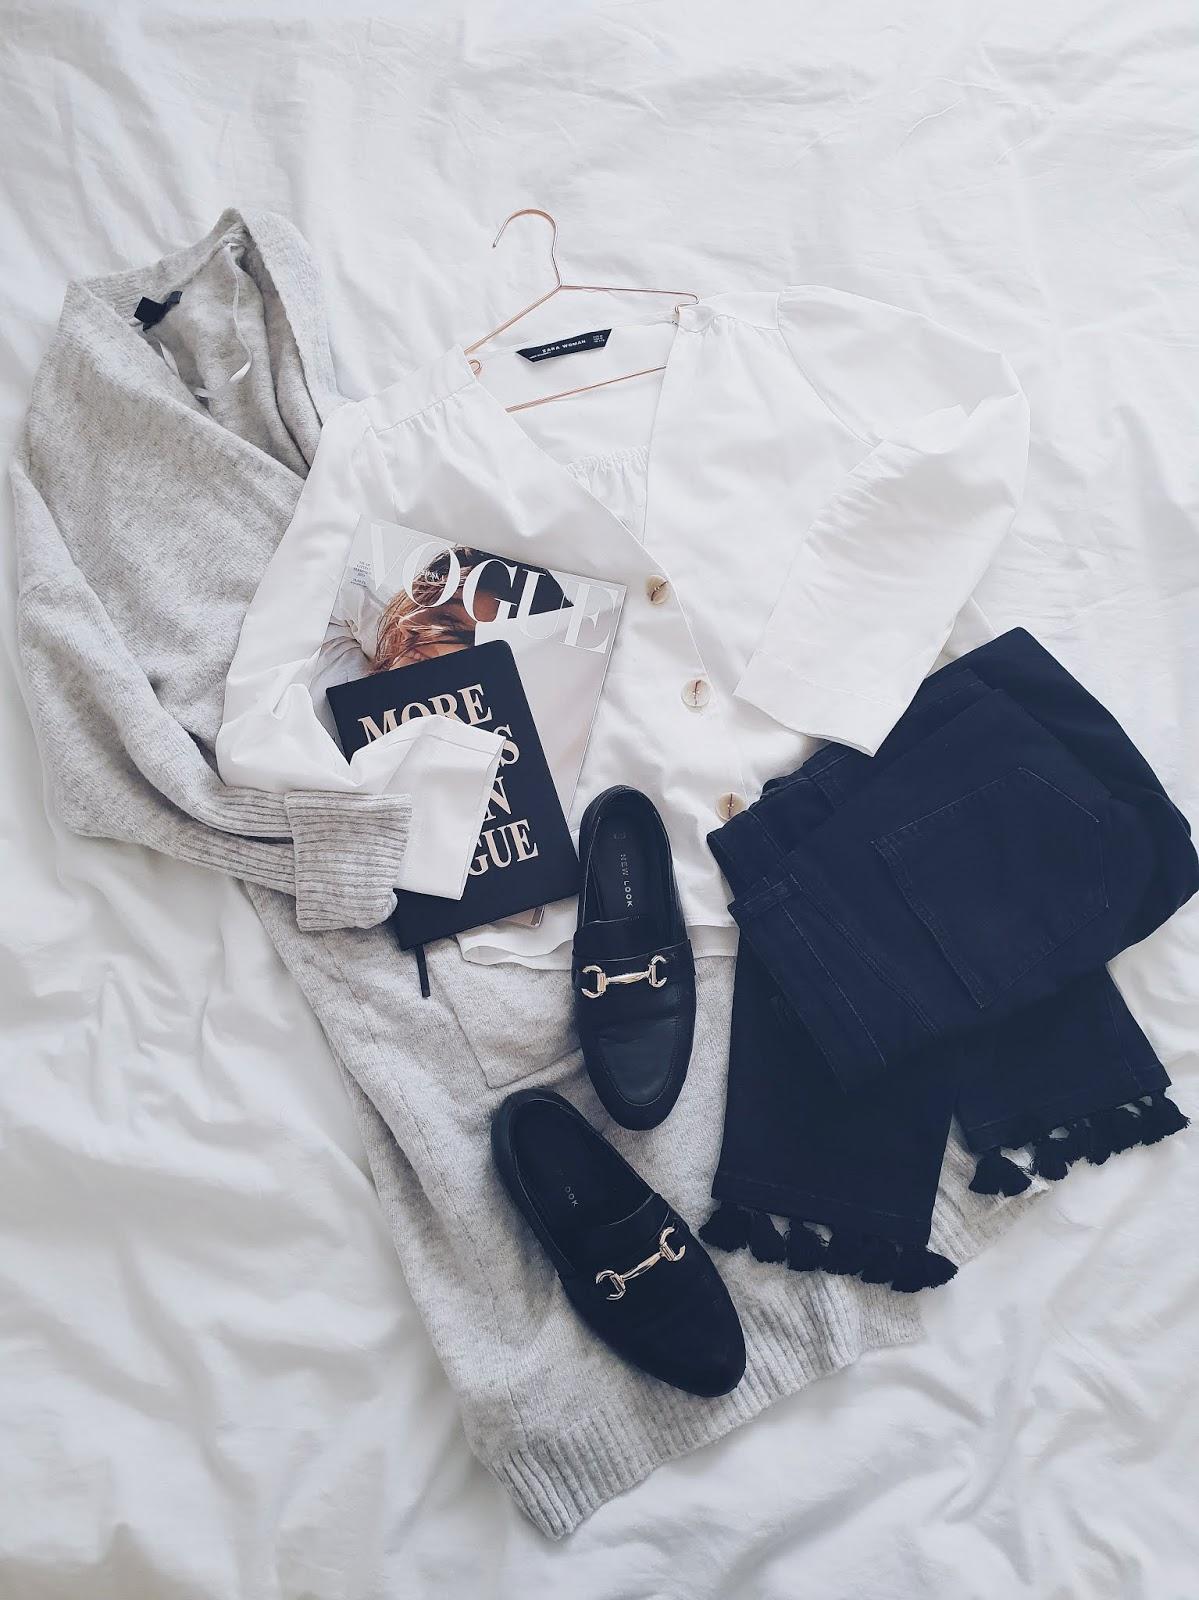 Sweater weather with buttons czyli kardigan i guzikowy trend w wersji jesiennej